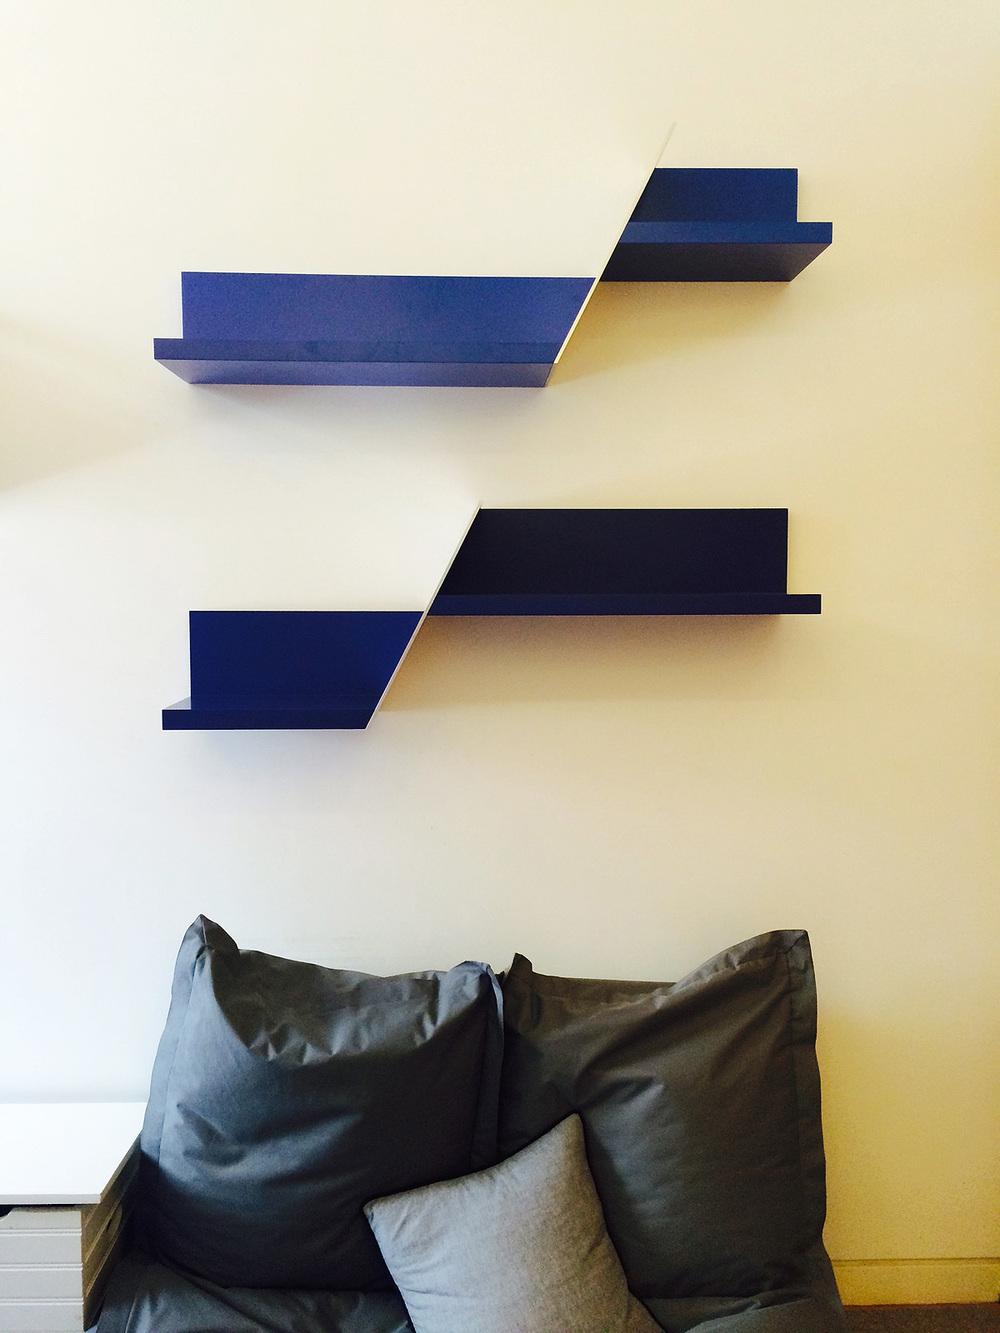 03_shelves.jpg